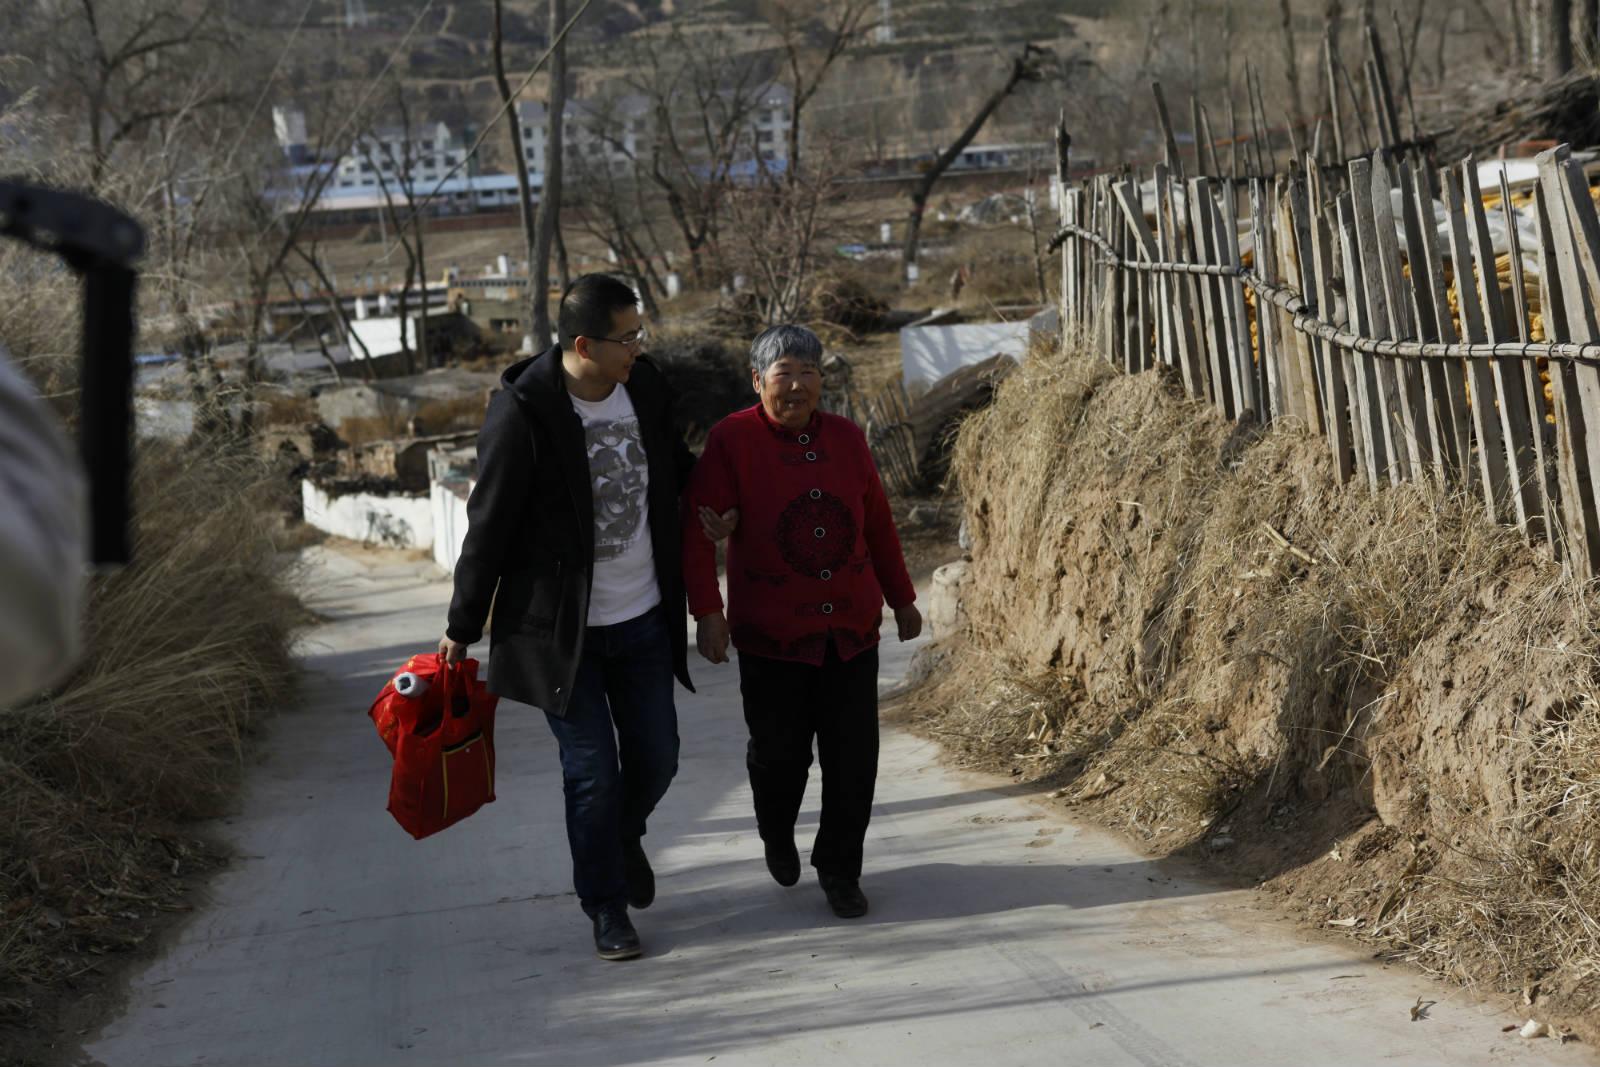 程路寧醫生每天往返花上 4-5 小時來往呼和浩特巿和小縣城,為的是尋找每個需要治理眼疾的獨居老人。